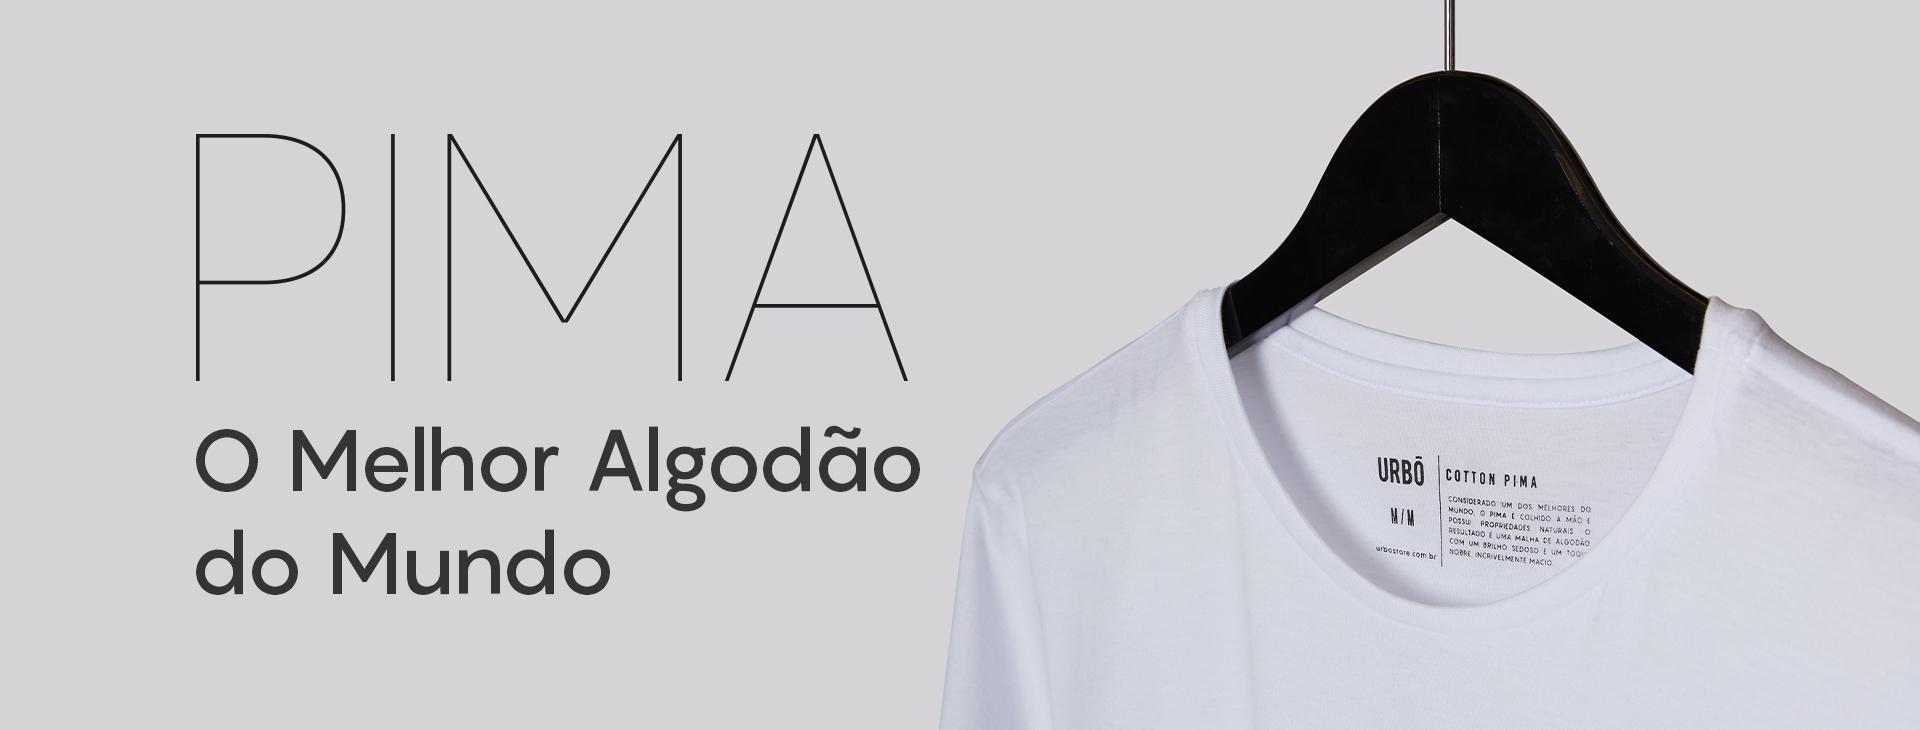 Camiseta Pima, Uma camiseta de Algodão Lisa com um material extremamente raro e de alta qualidade. Sendo uma Camiseta Cotton Pima única no mercado!